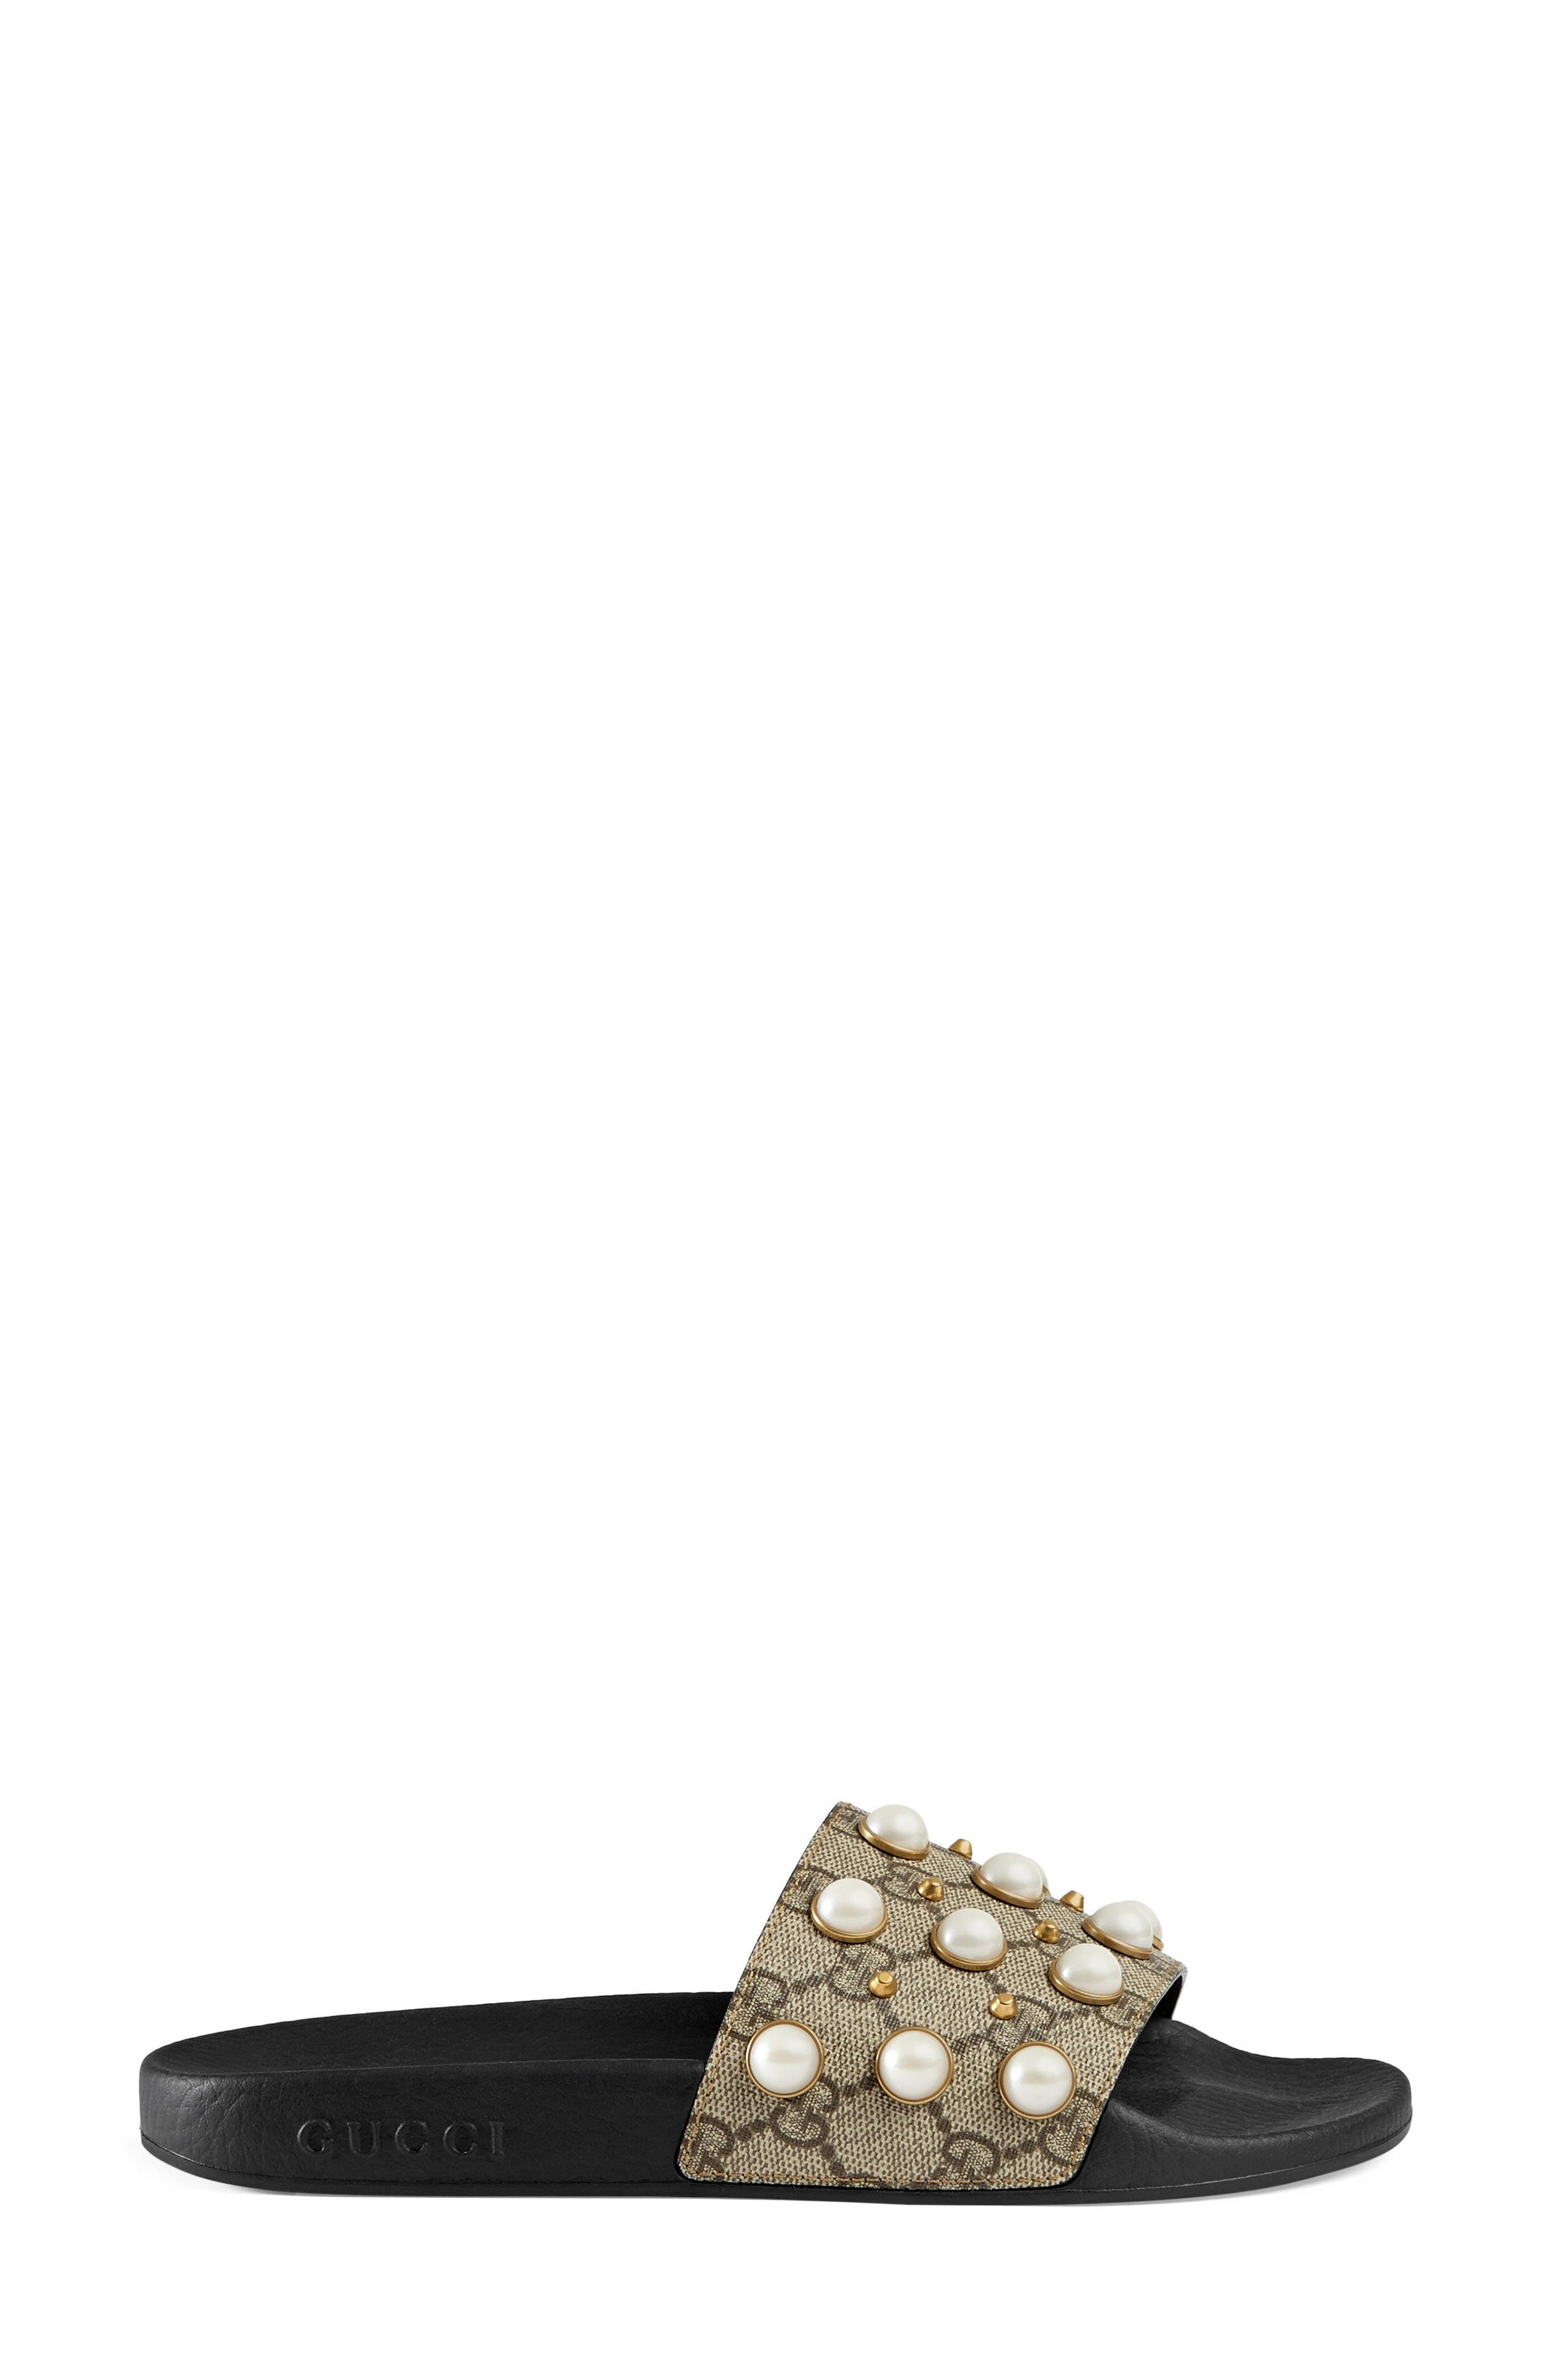 Pursuit Imitation Pearl Embellished Slide Sandal,                             Main thumbnail 1, color,                             BEIGE